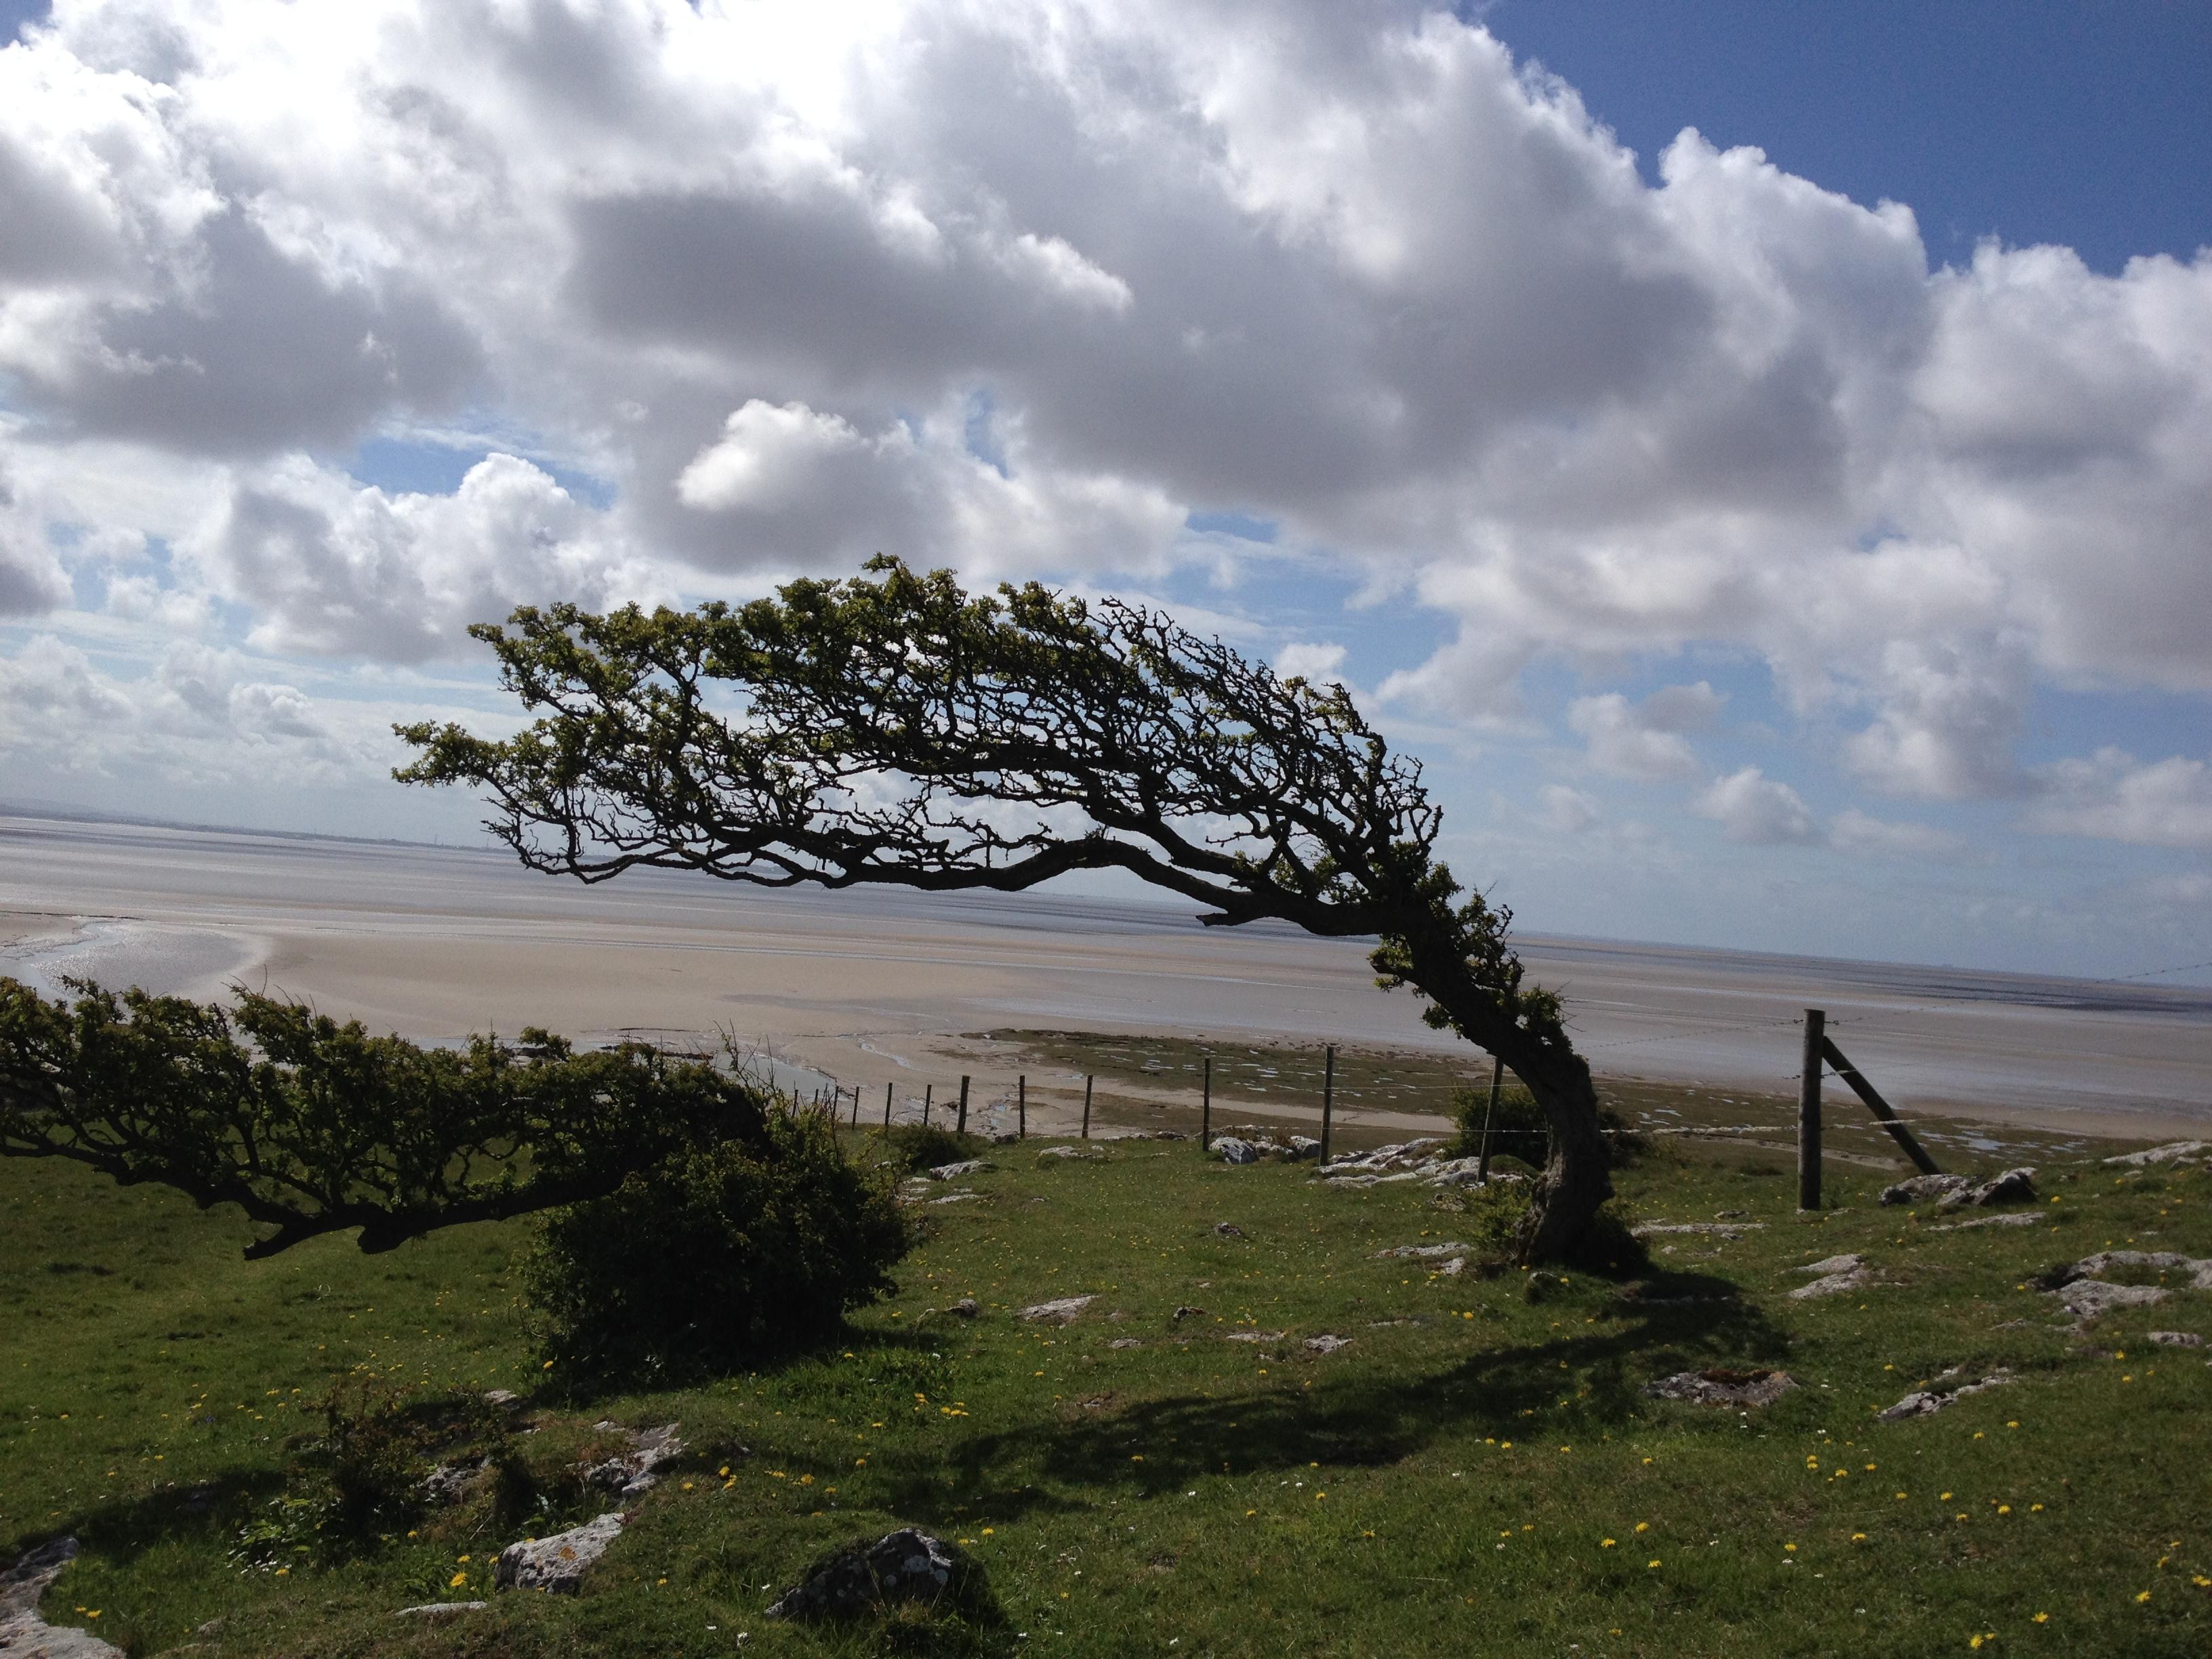 Pastāvīgais rietumu vējš noliecis visus nelielos kokus uz vienu pusi